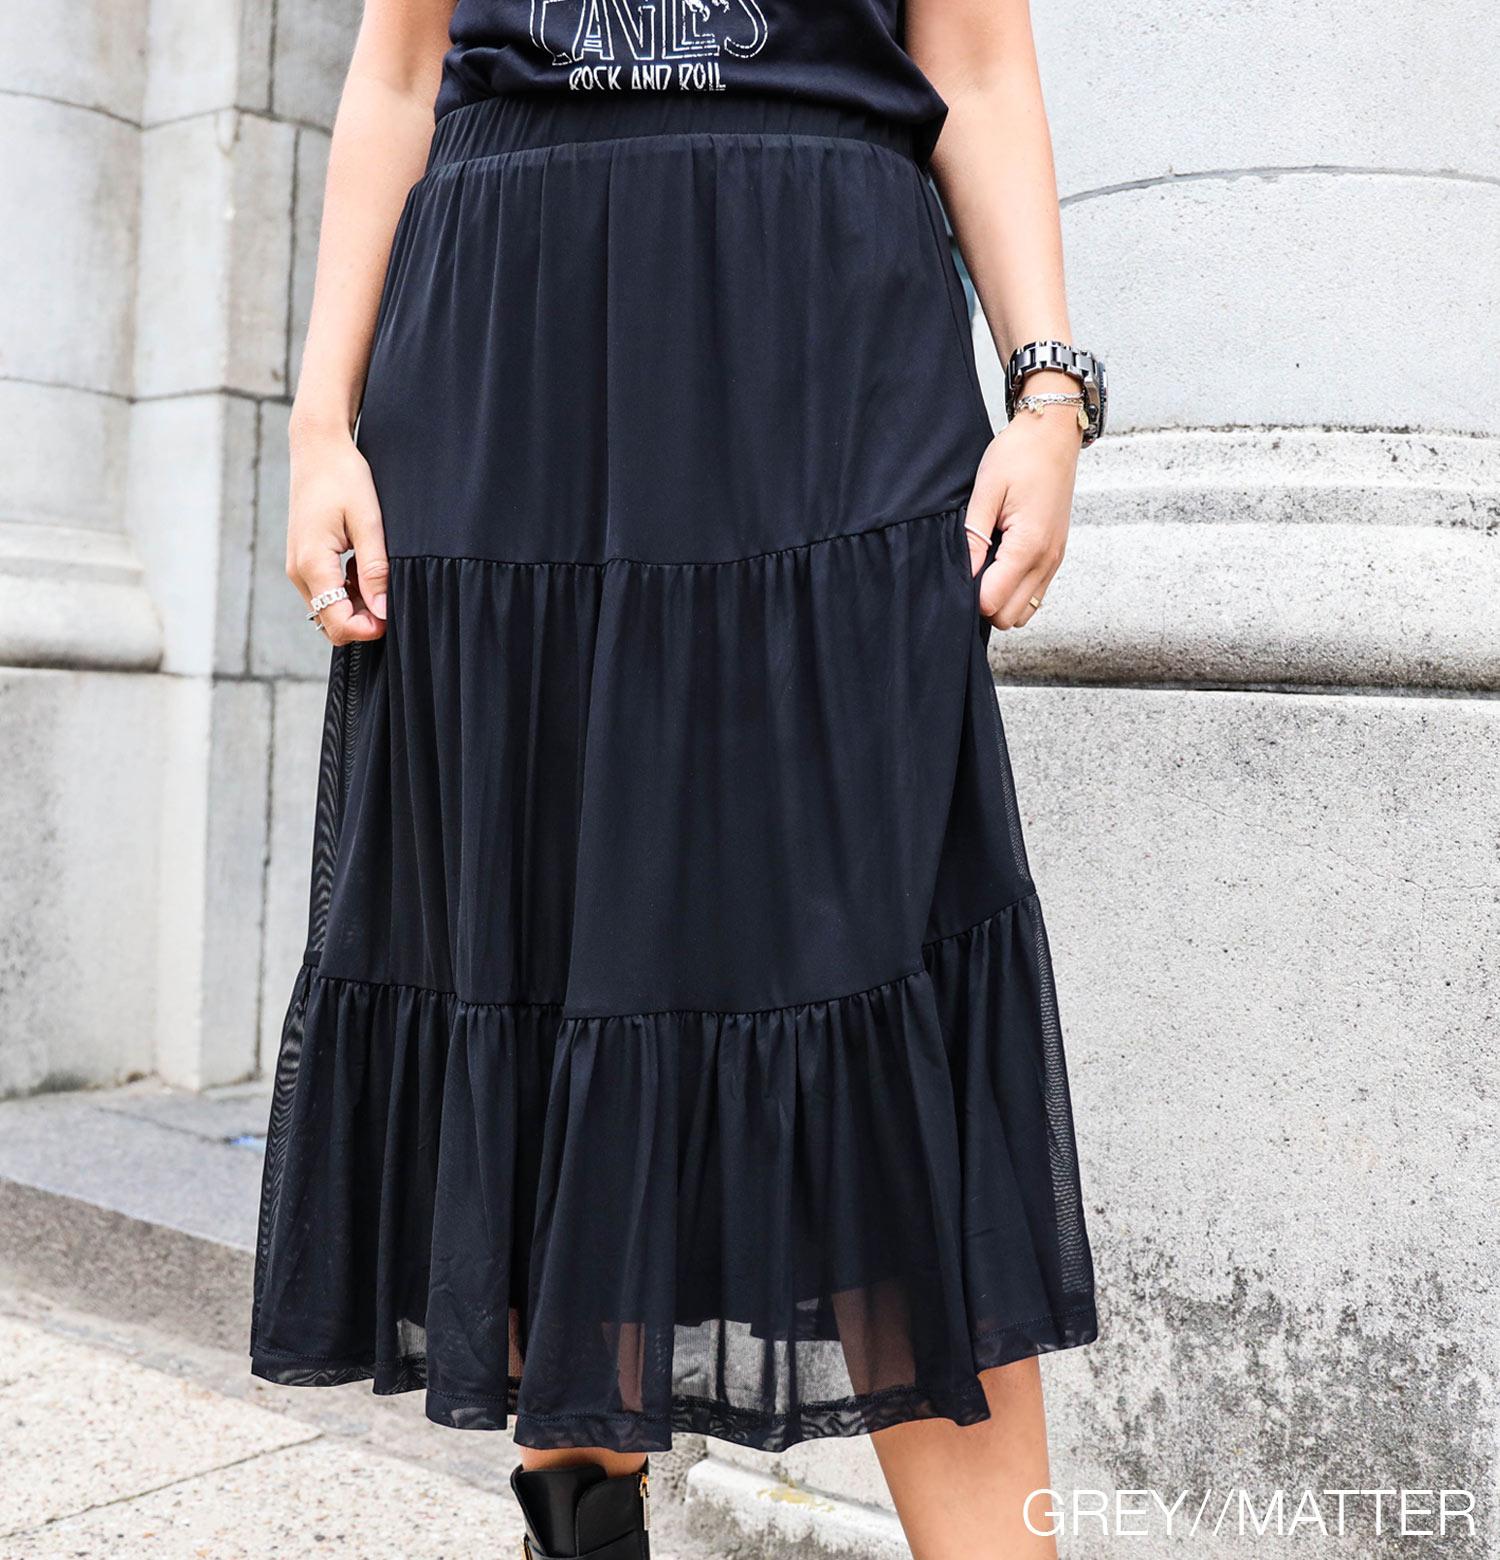 vila-vidavis-sort-nederdel-mesh-skirt.jpg